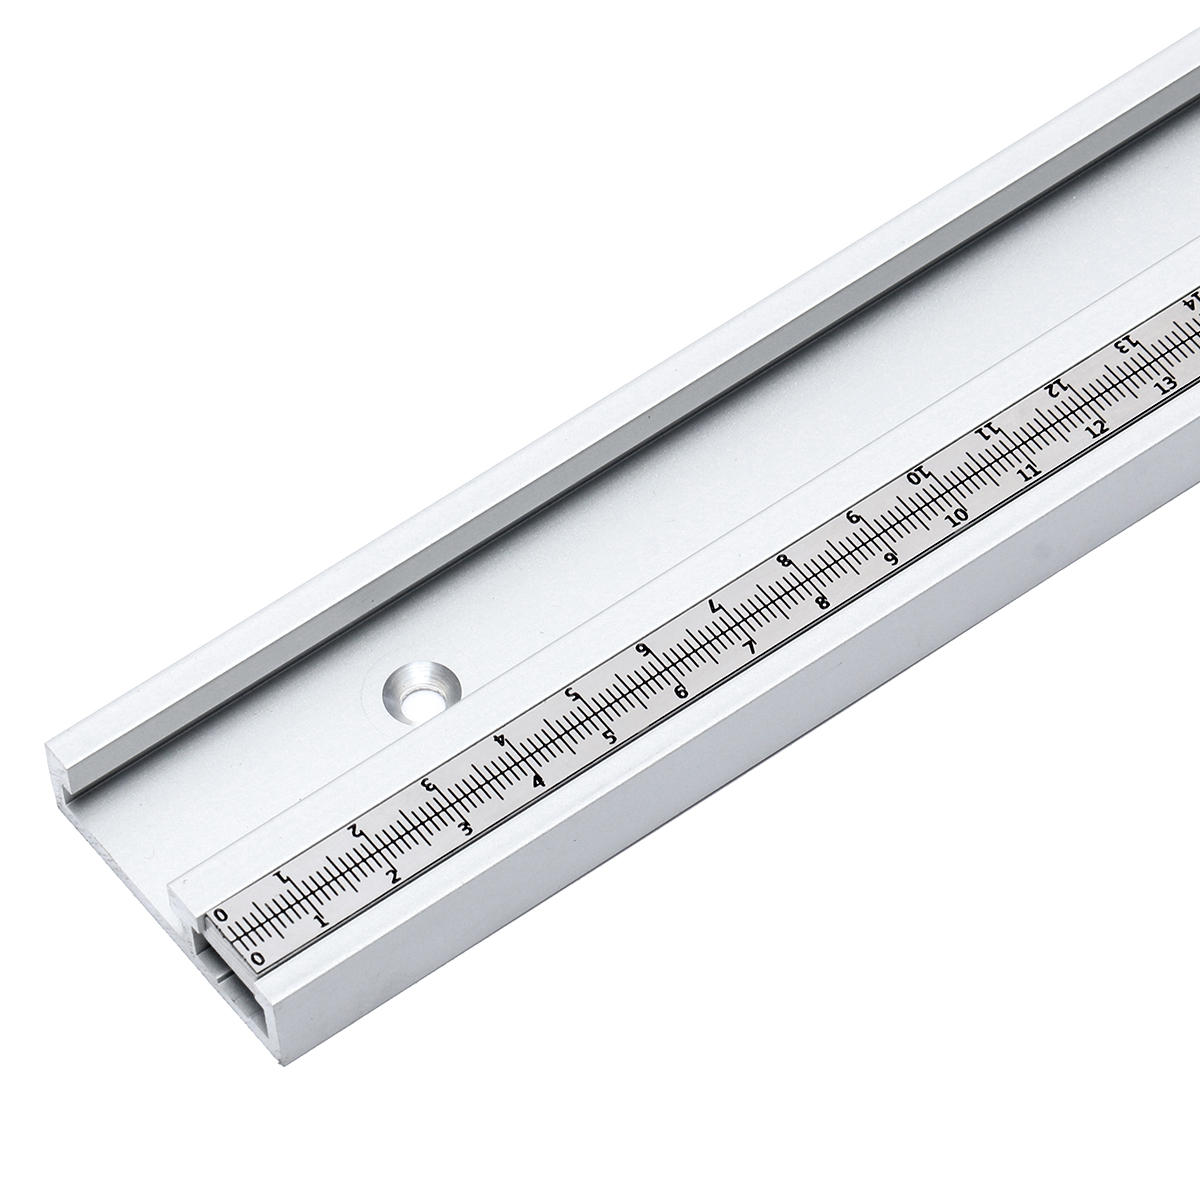 400-1220mm Aleación de aluminio Ranura en T Ranura en T Inglete con corredera Regla métrica Escala para fresadora de mesa Mesa de carpintería herramienta